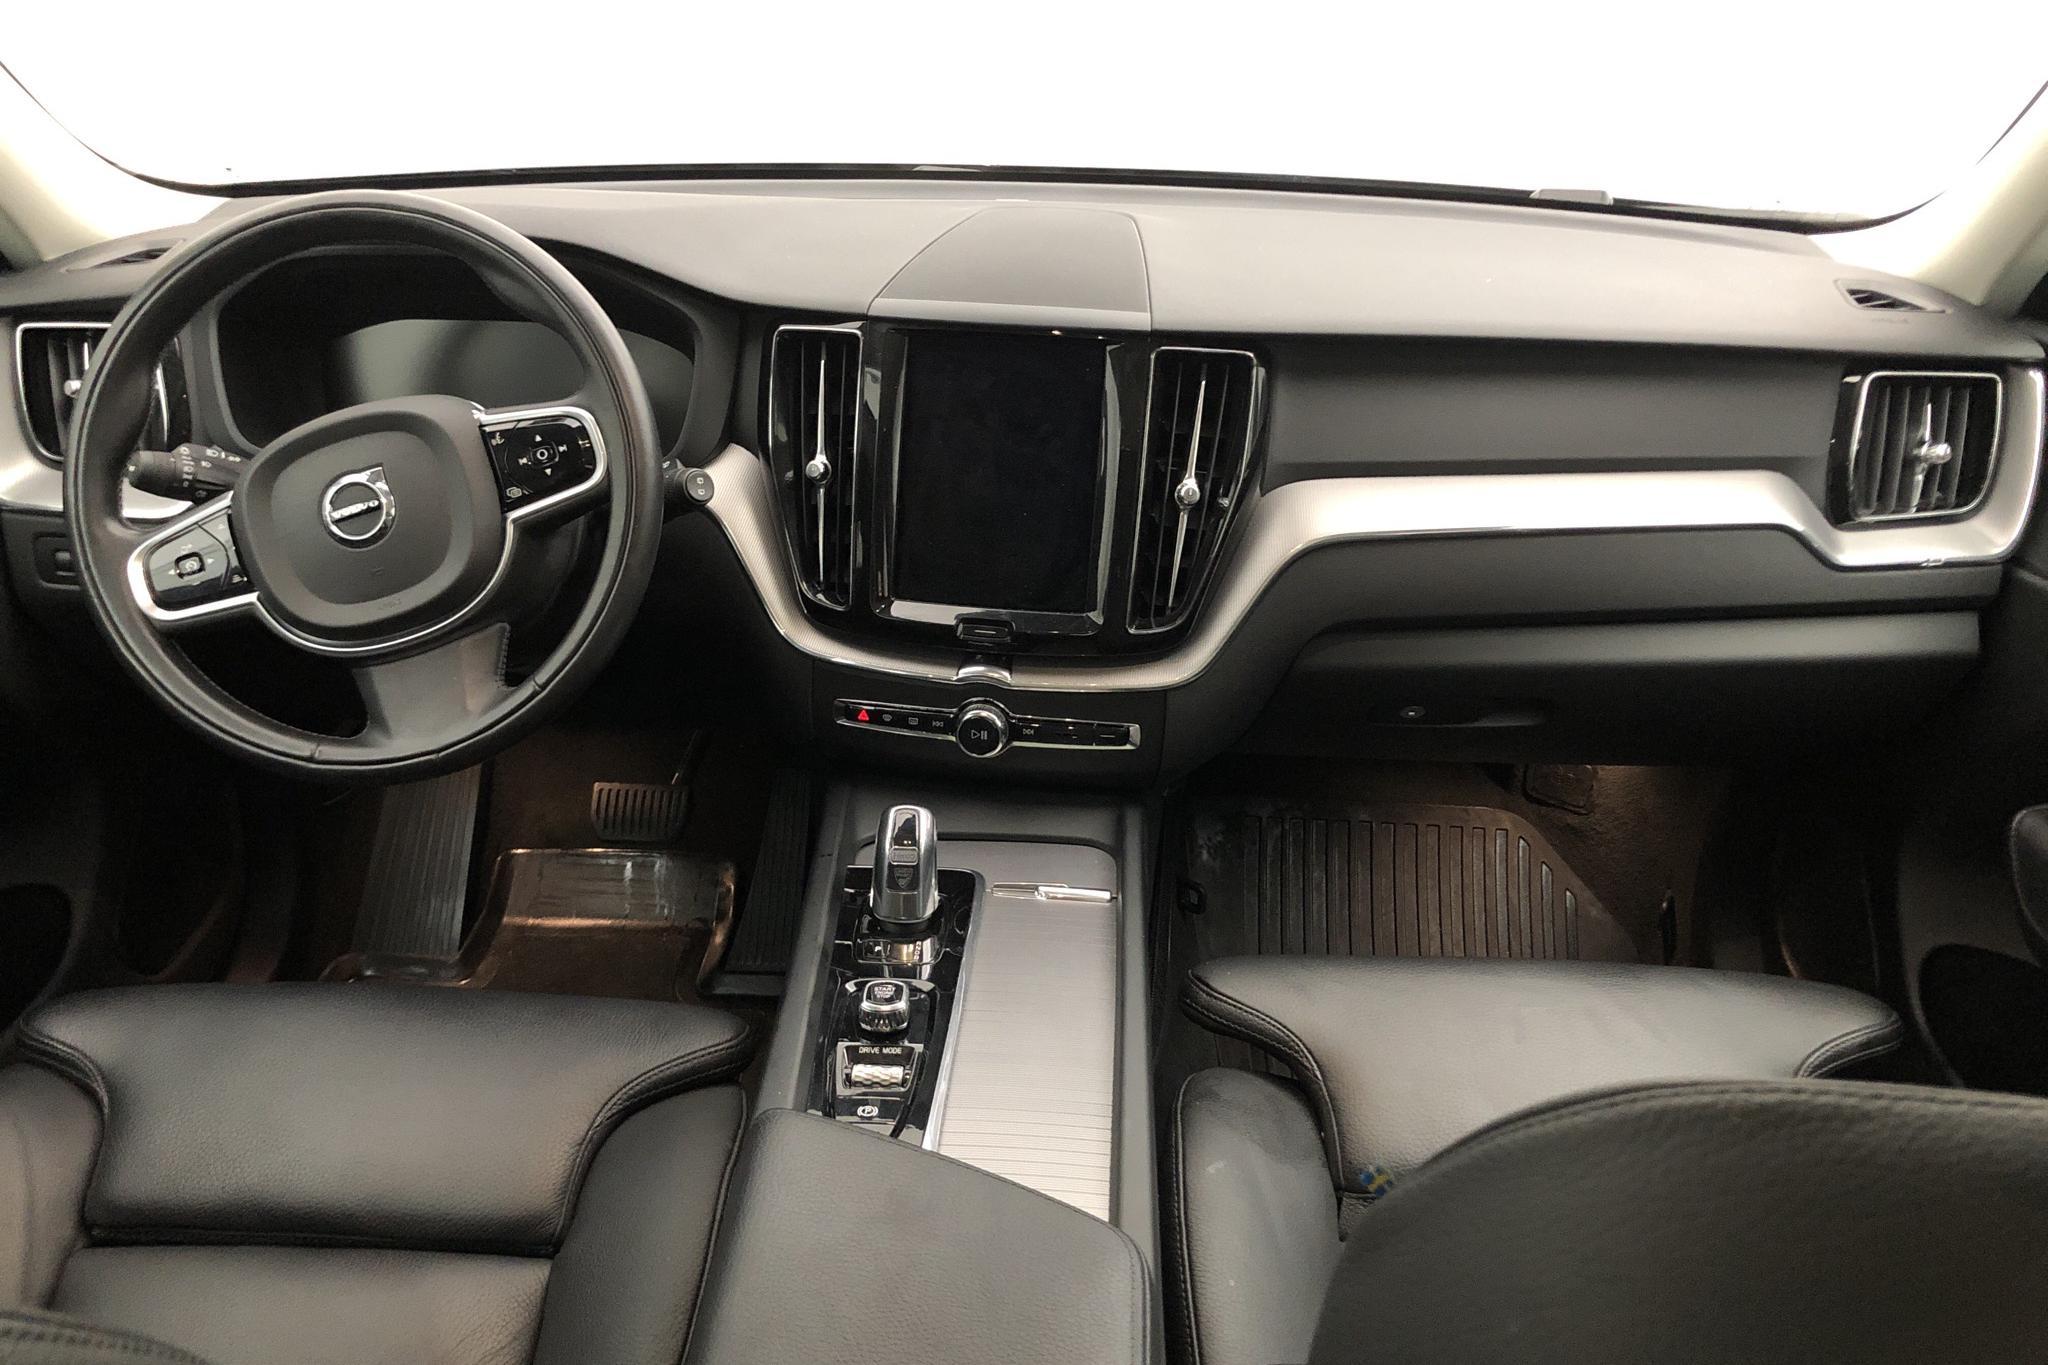 Volvo XC60 T8 AWD Twin Engine (407hk) - 0 km - Automatic - 2018